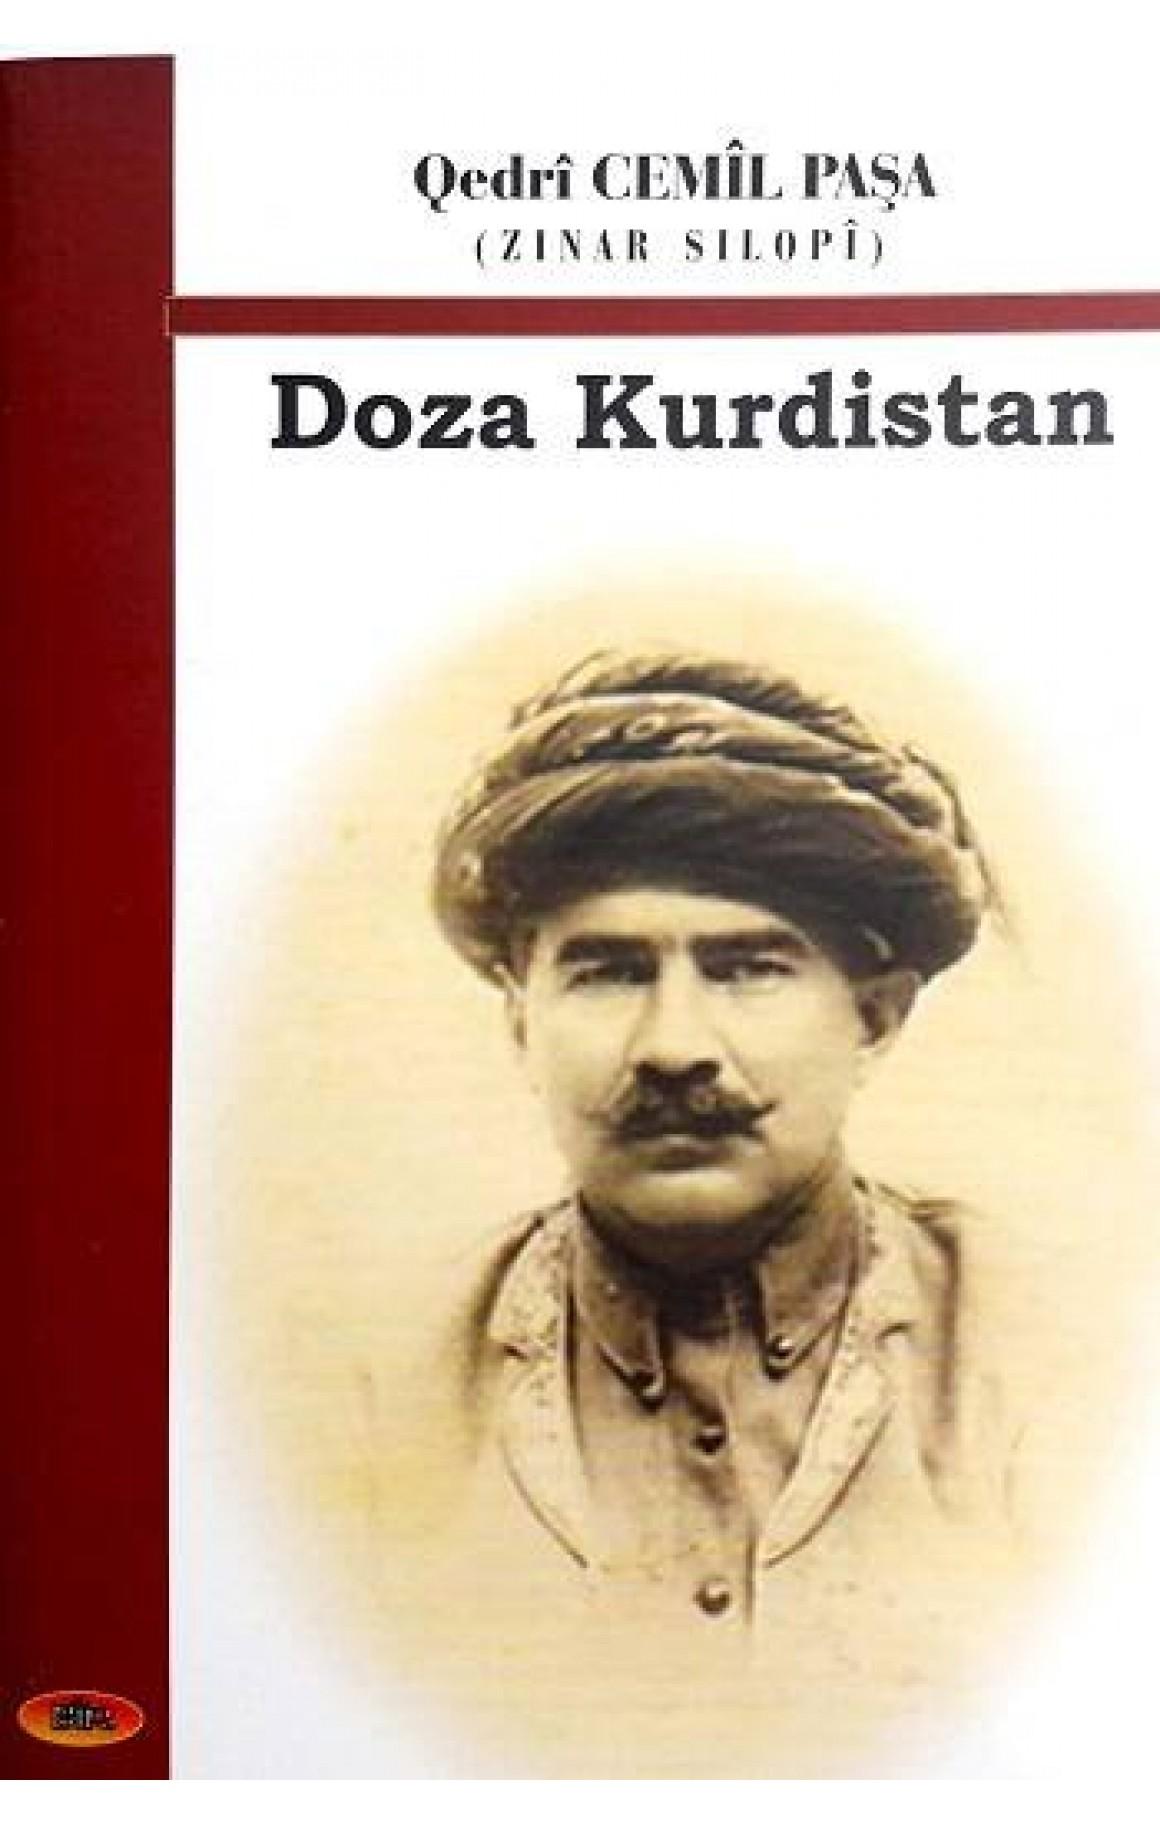 Doza Kurdistan